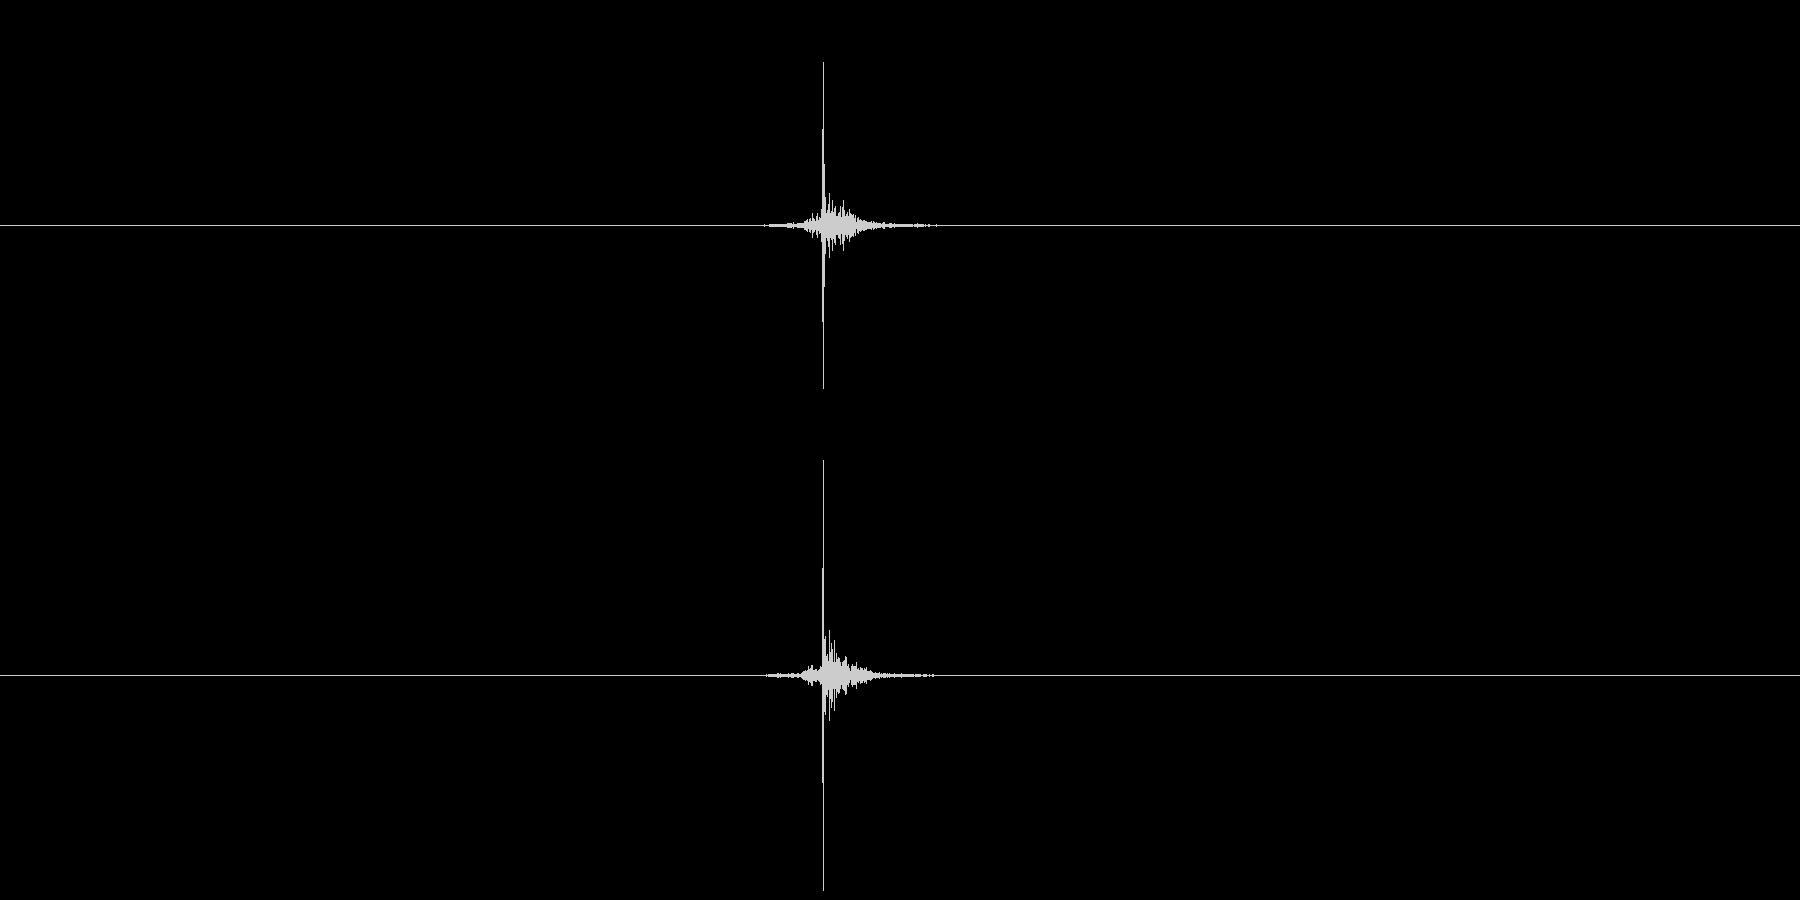 【生音】触れる・肌 - 5 「ぺちん」の未再生の波形